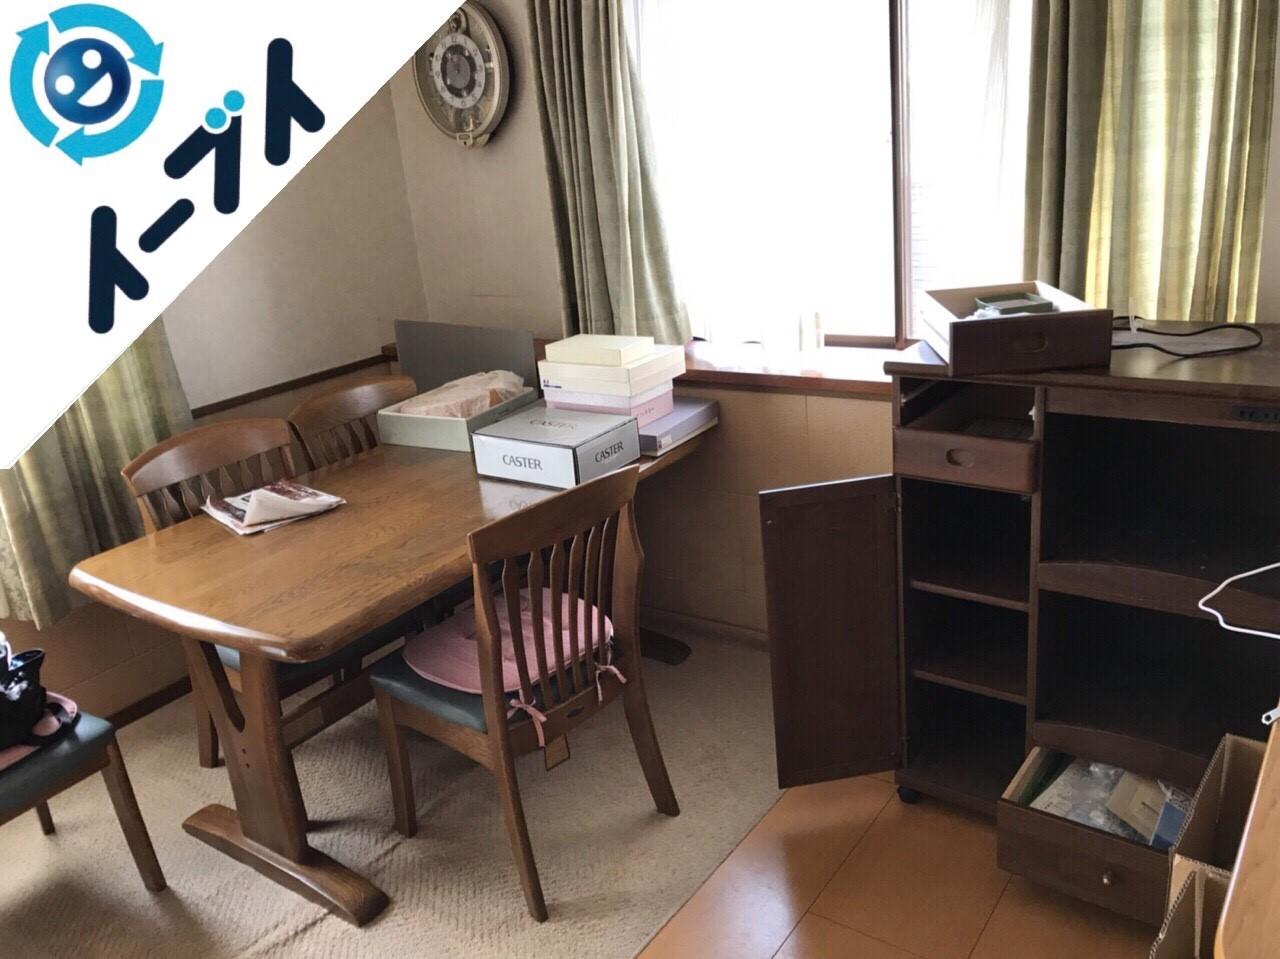 2017年12月18日大阪府門真市で本棚やダイニングテーブル等を家具処分で不用品回収をしました。写真4